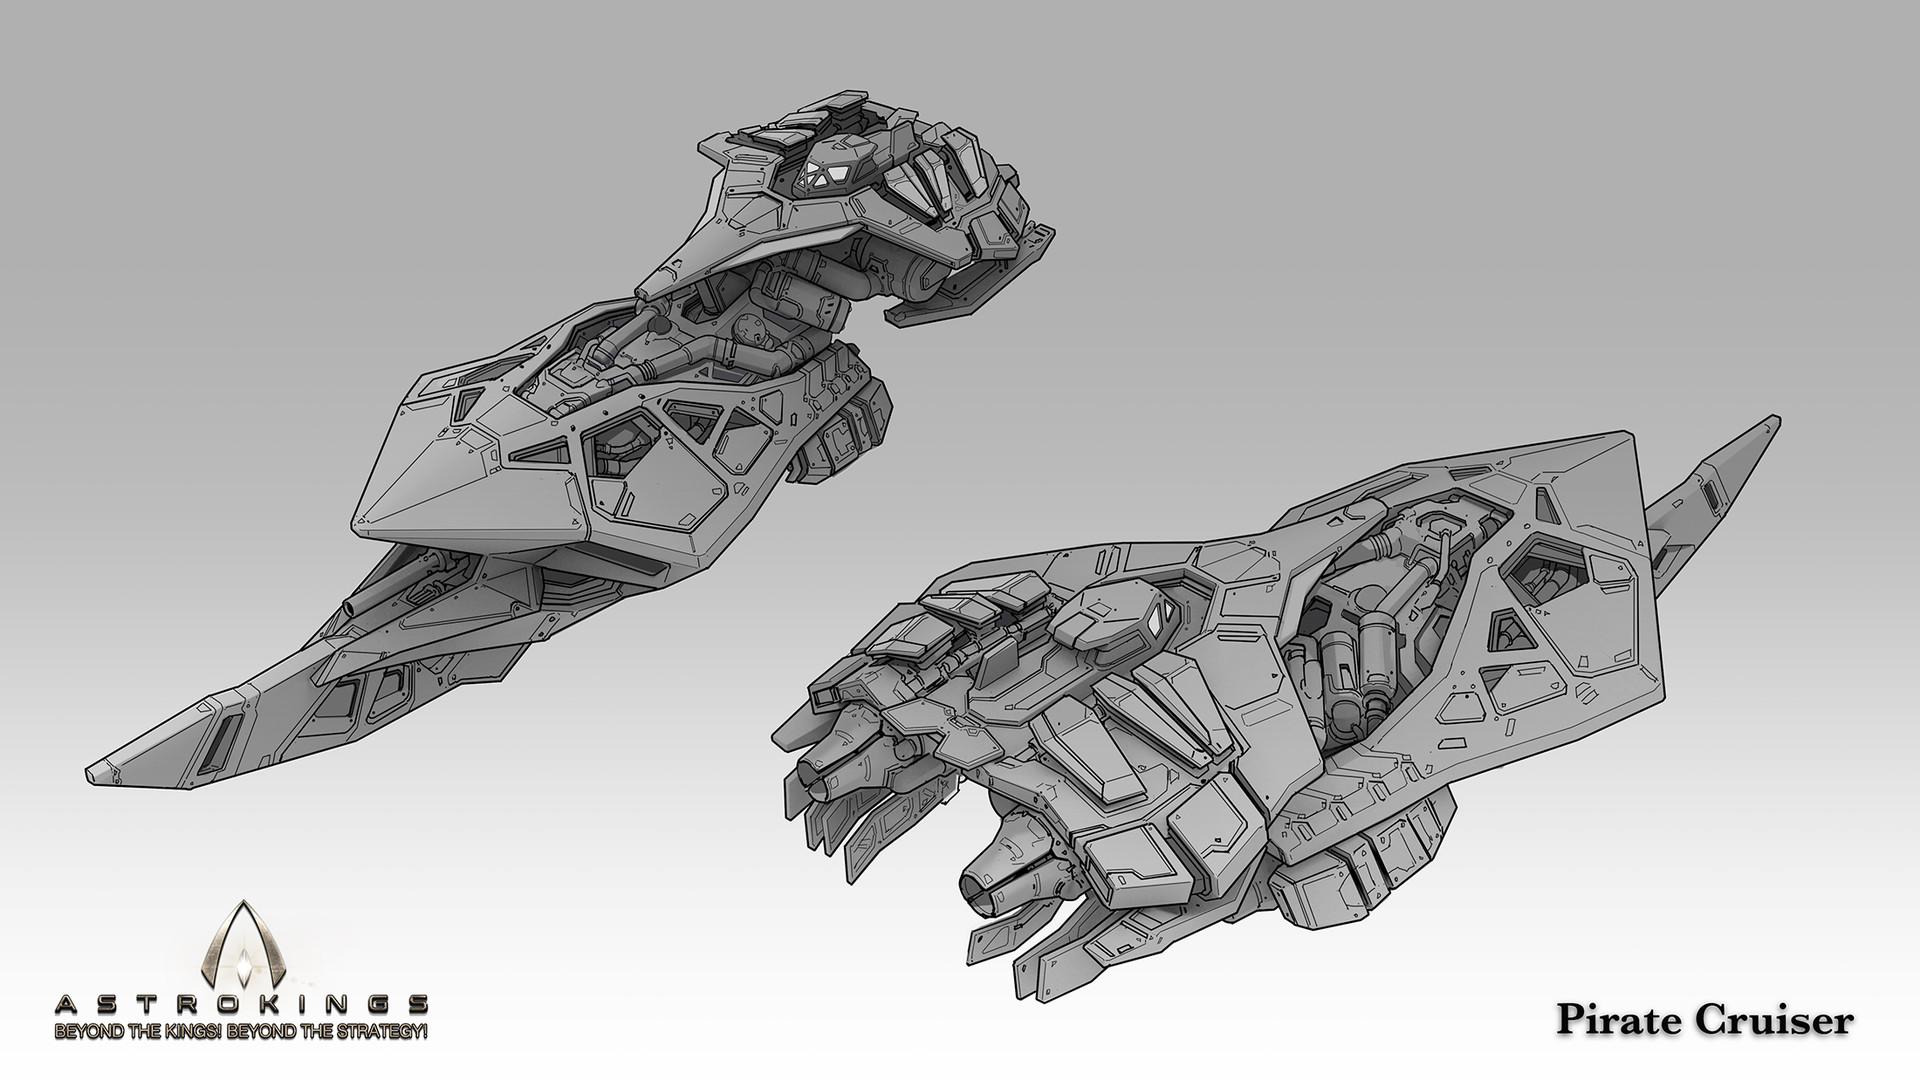 Il kim astronest destroyer artstation 1